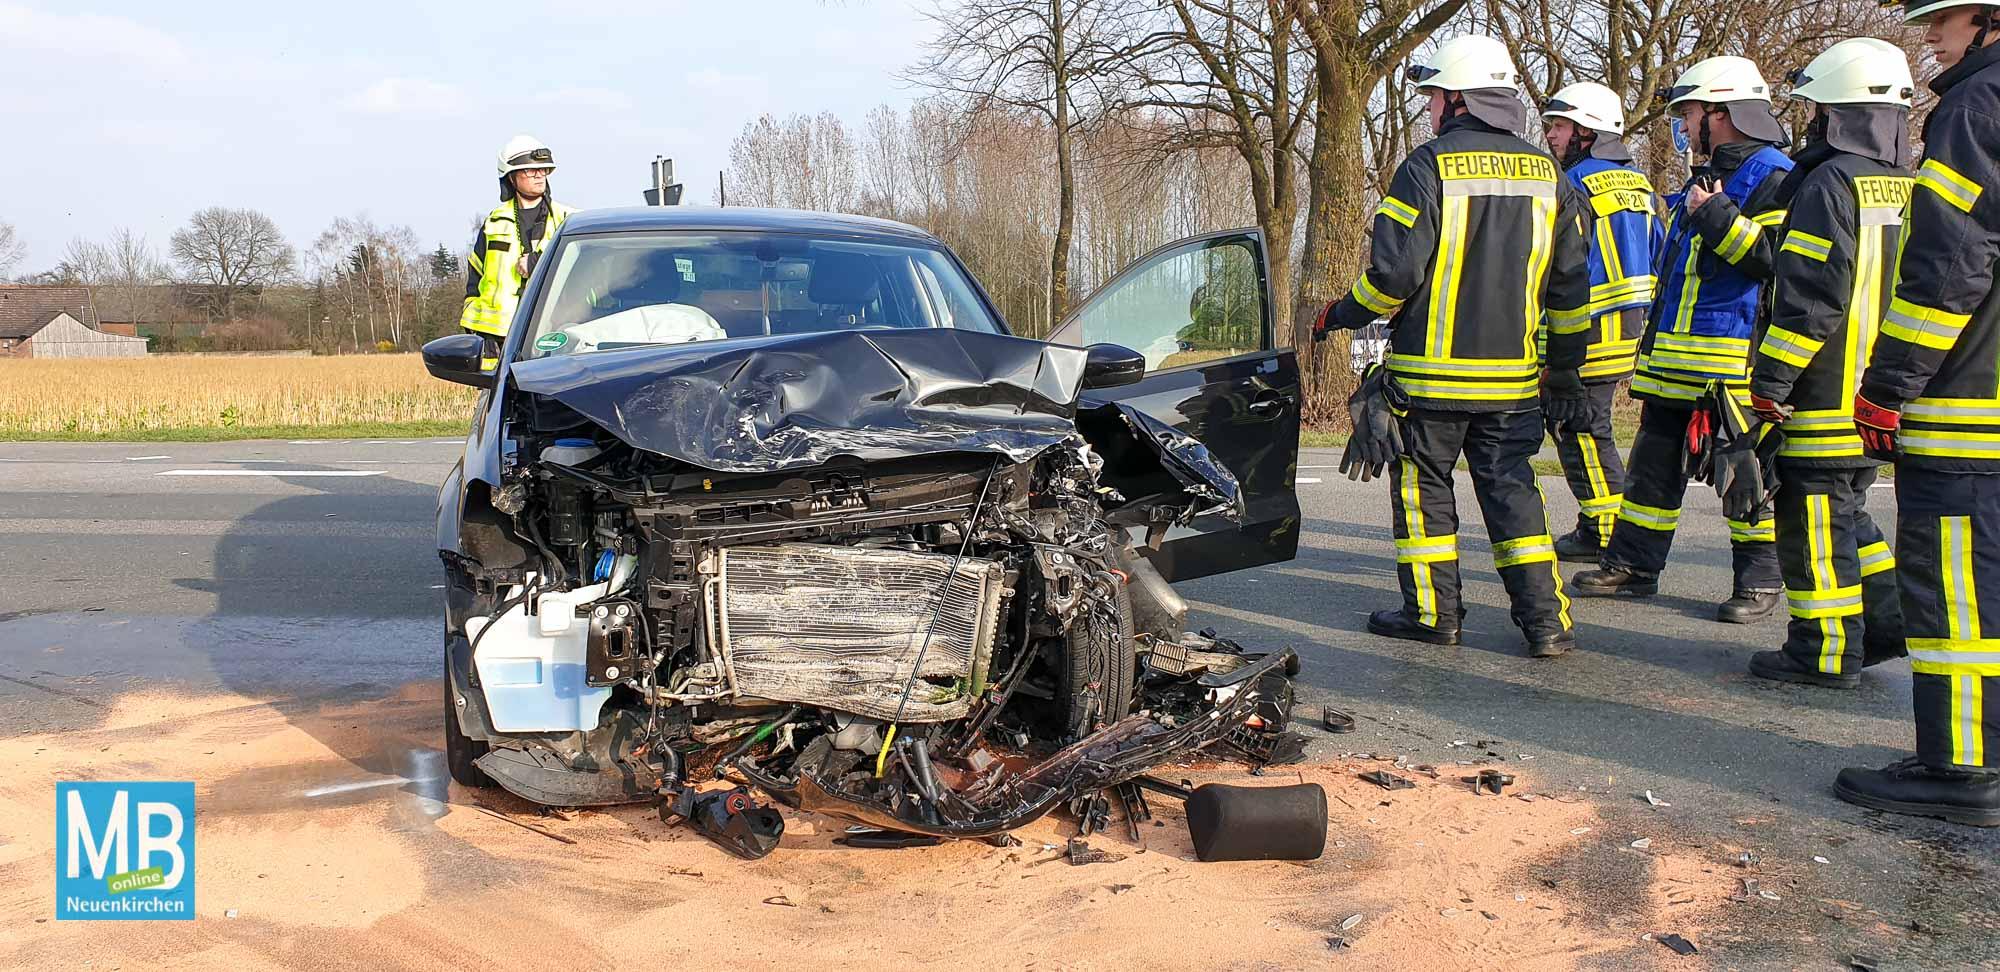 Unfall Rheiner Straße